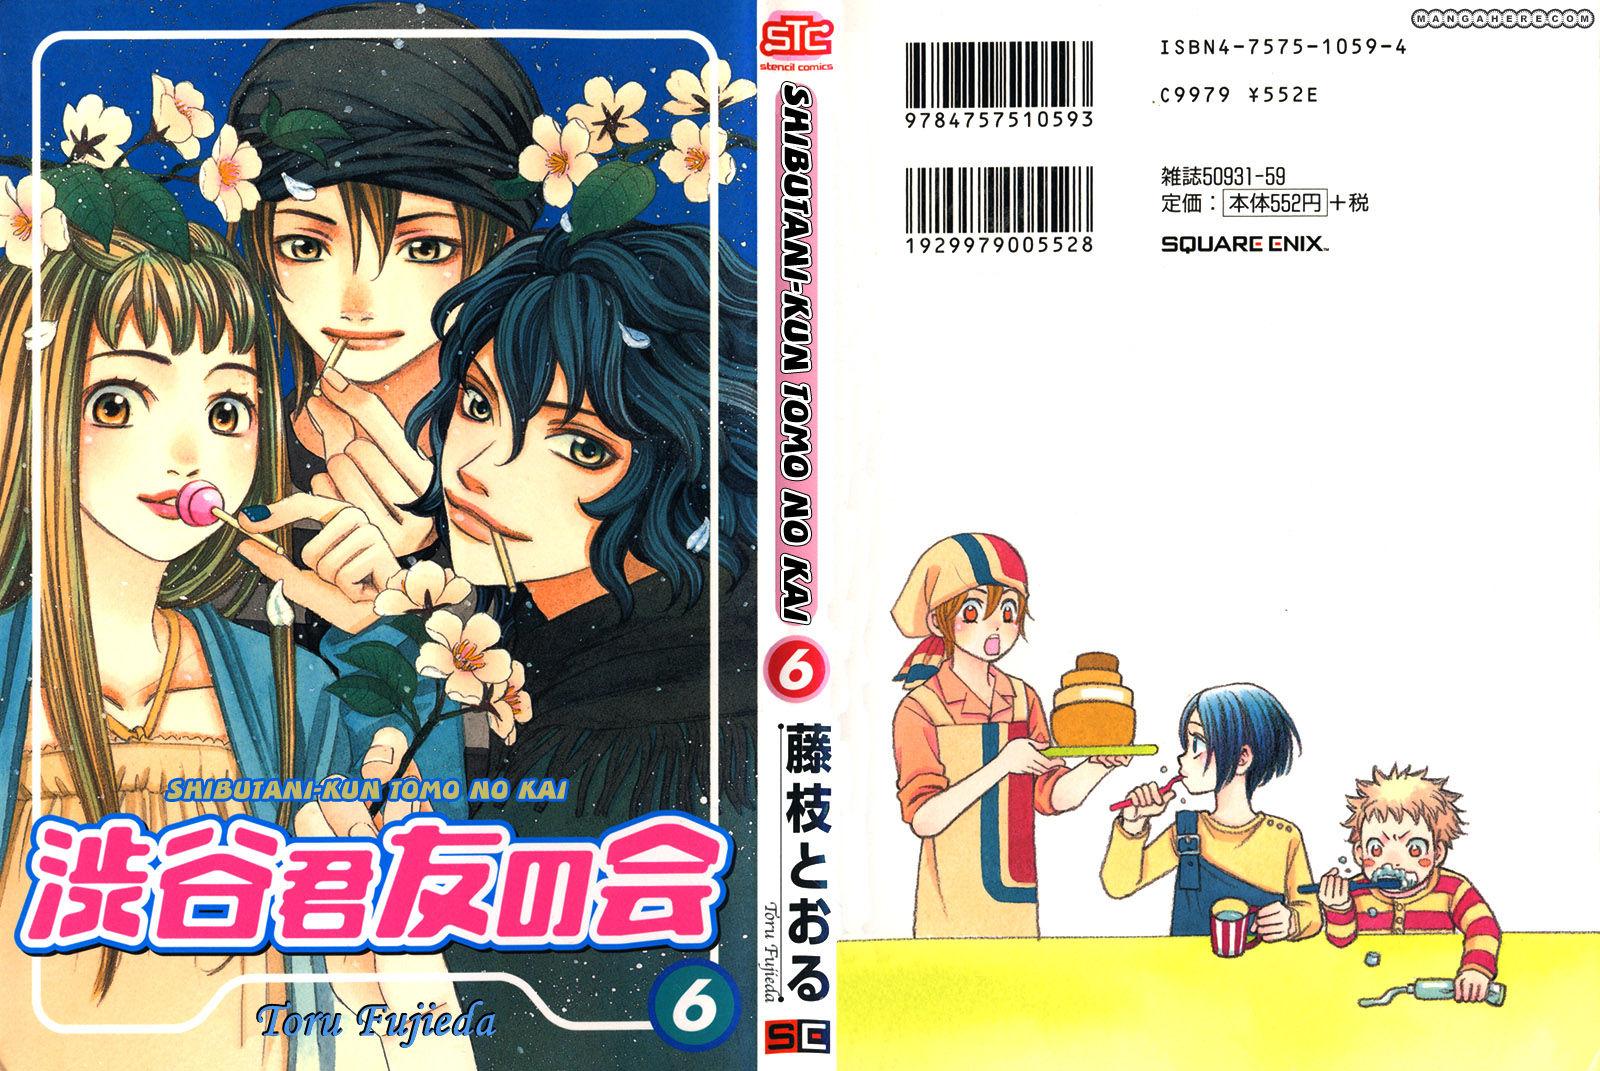 Shibutani-kun Tomo no Kai 26 Page 1